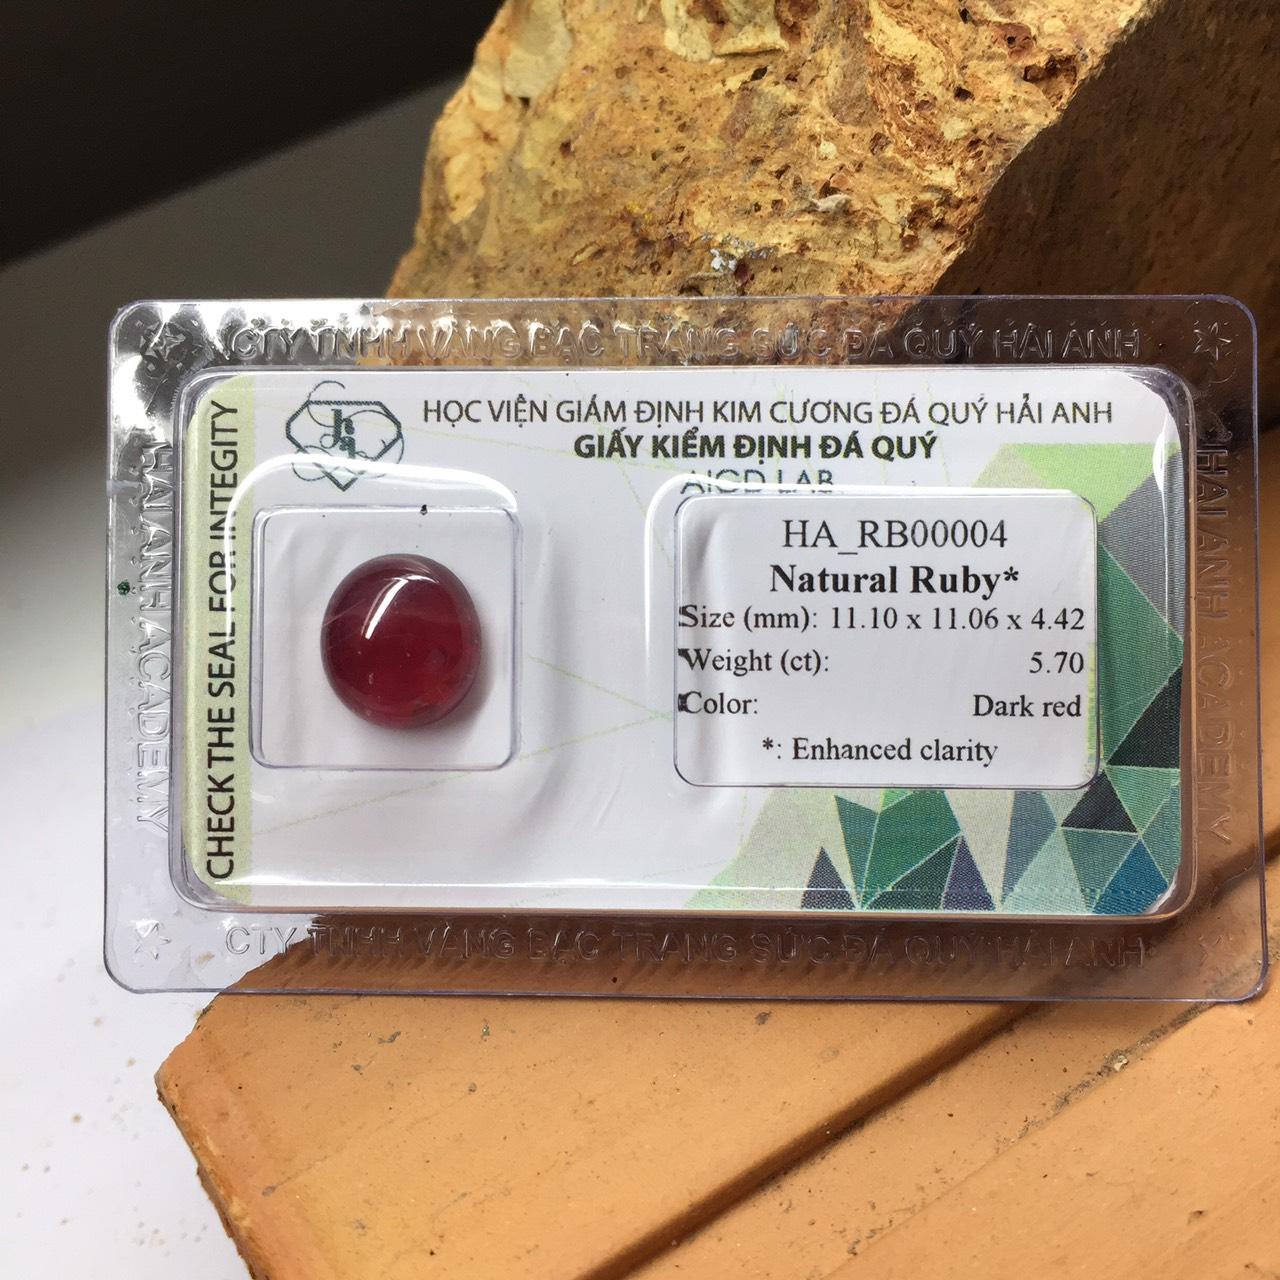 Viên đá Ruby thiên nhiên_HA-RB00004